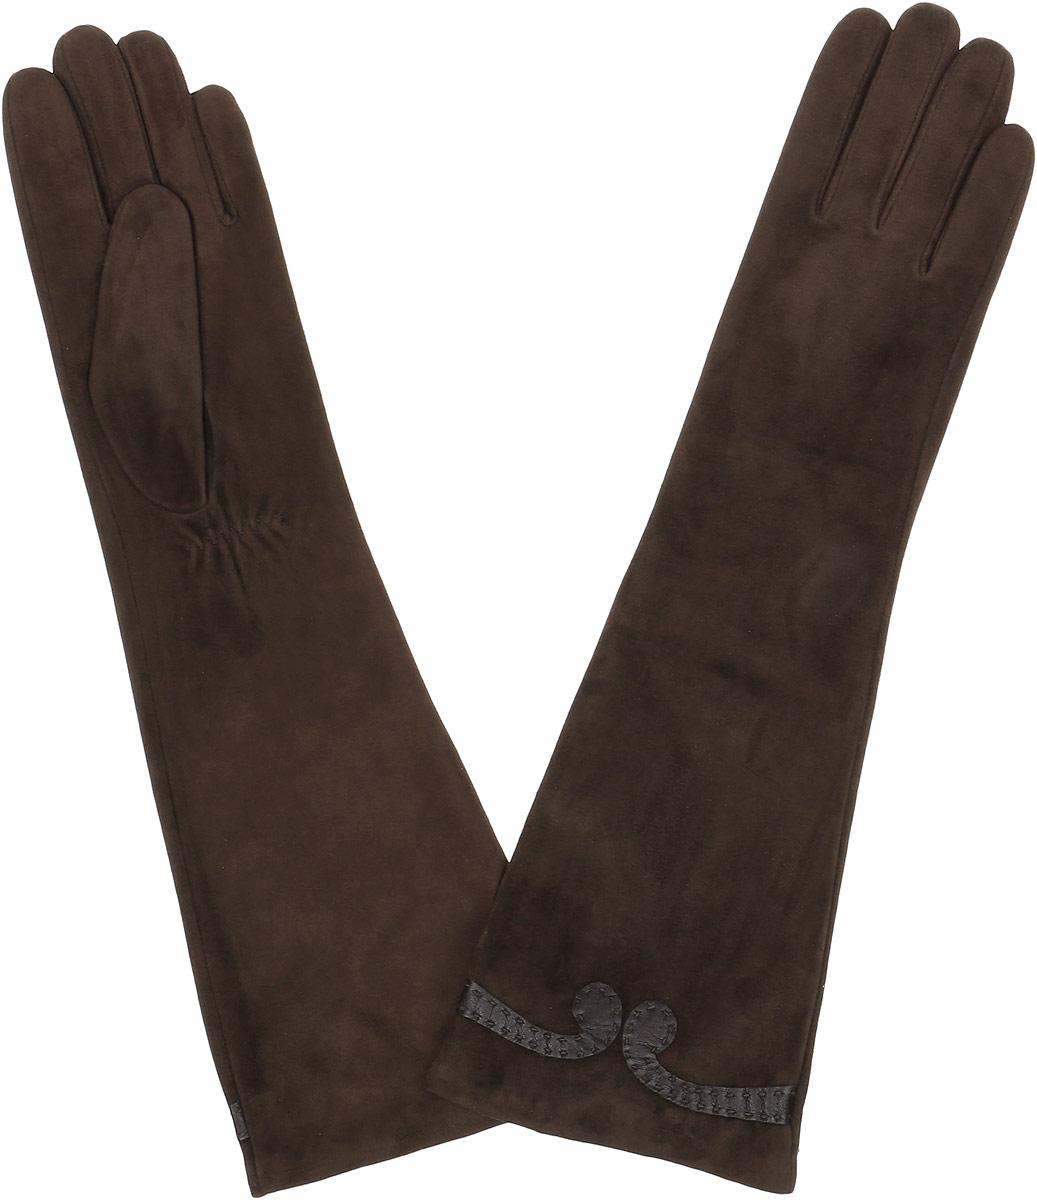 2.84-2 chocolateЭлегантные удлиненные женские перчатки Fabretti станут великолепным дополнением вашего образа и защитят ваши руки от холода и ветра во время прогулок. Перчатки выполнены из натуральной кожи ягненка. Модель декорирована небольшим узором из кожи. Такие перчатки будут оригинальным завершающим штрихом в создании современного модного образа, они подчеркнут ваш изысканный вкус и станут незаменимым и практичным аксессуаром.